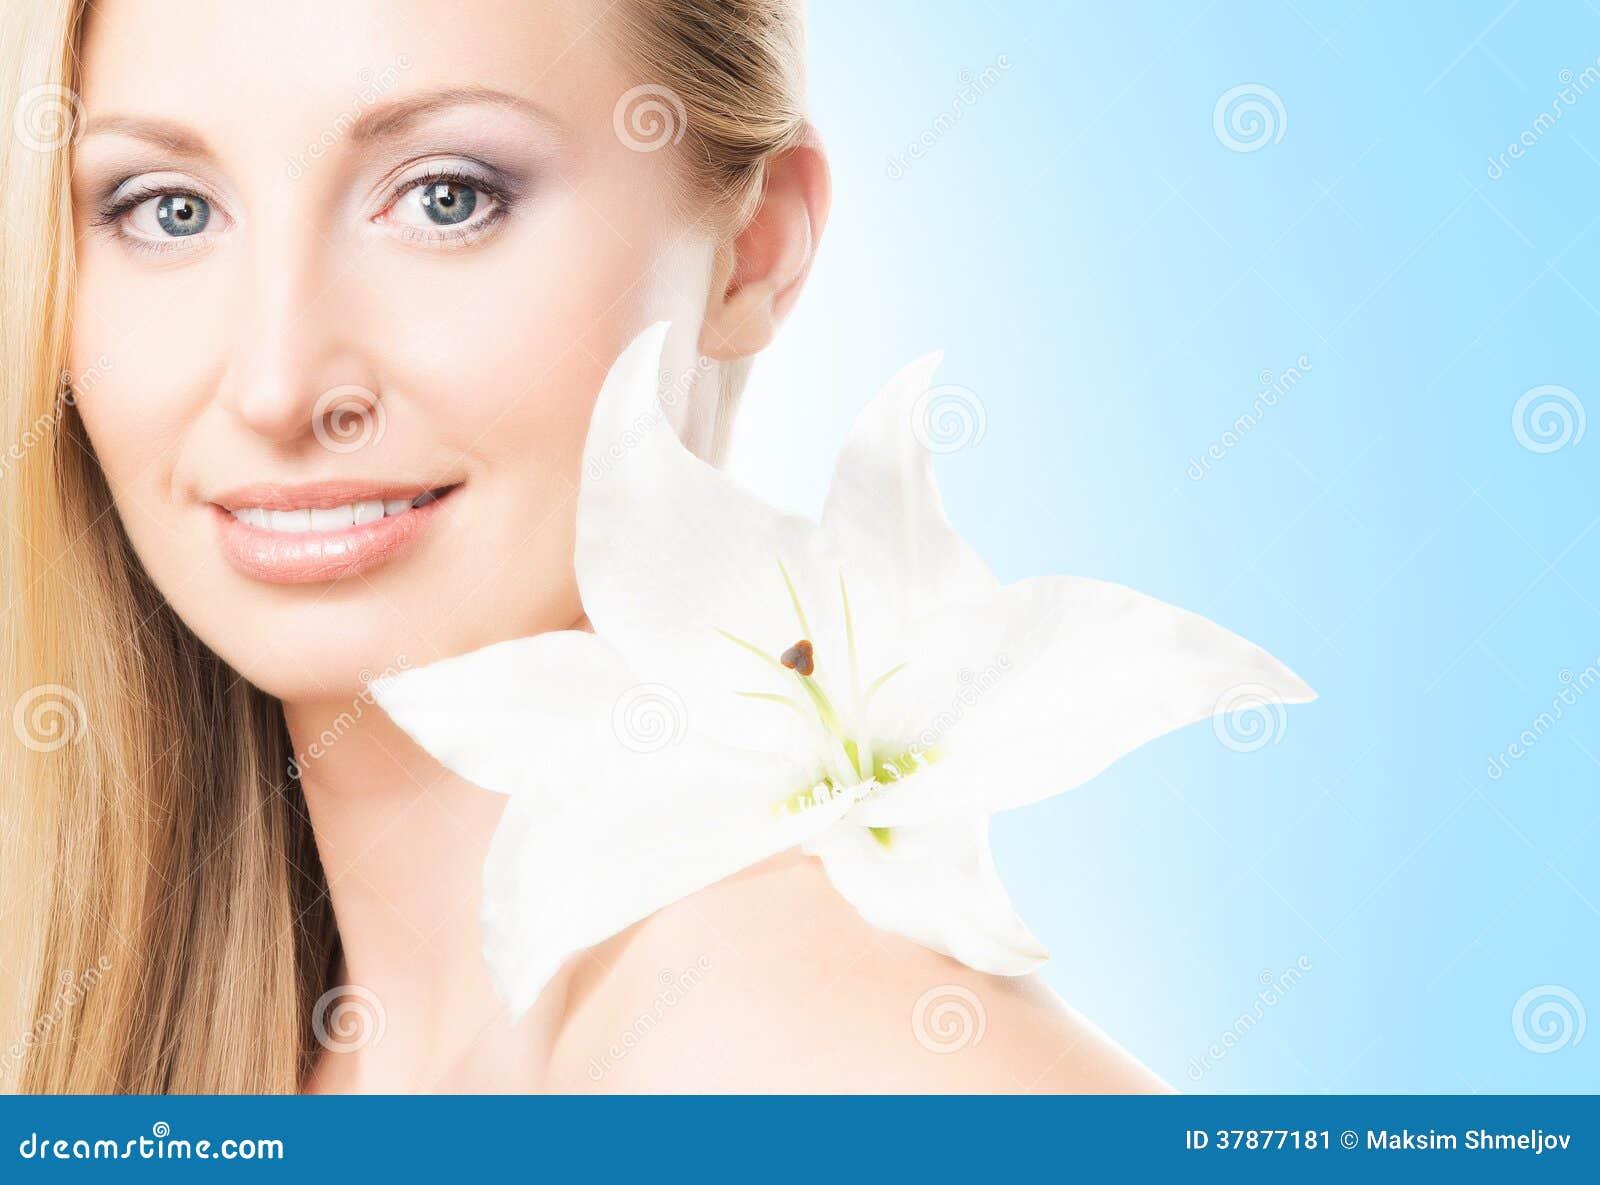 Portret van een jonge blonde vrouw met een bloem